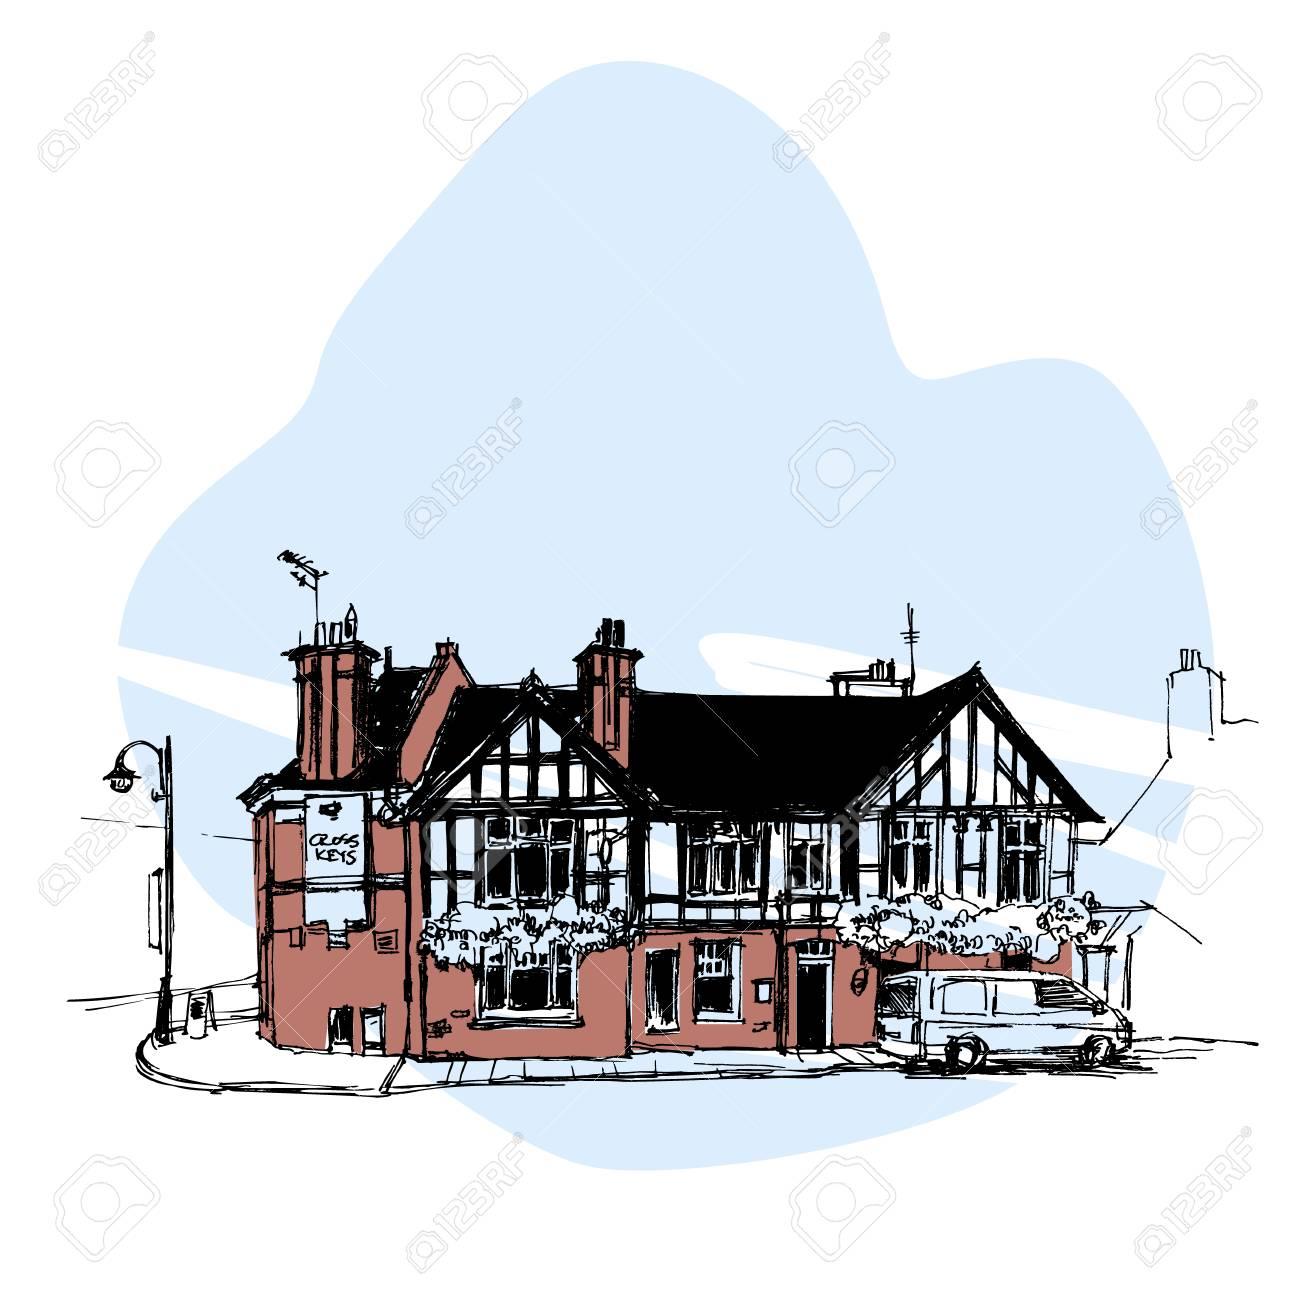 Banque dimages maison anglaise dessiné à la main croquis urbain style vector illustration isolée sur fond bleu croquis style dessin de maison anglaise